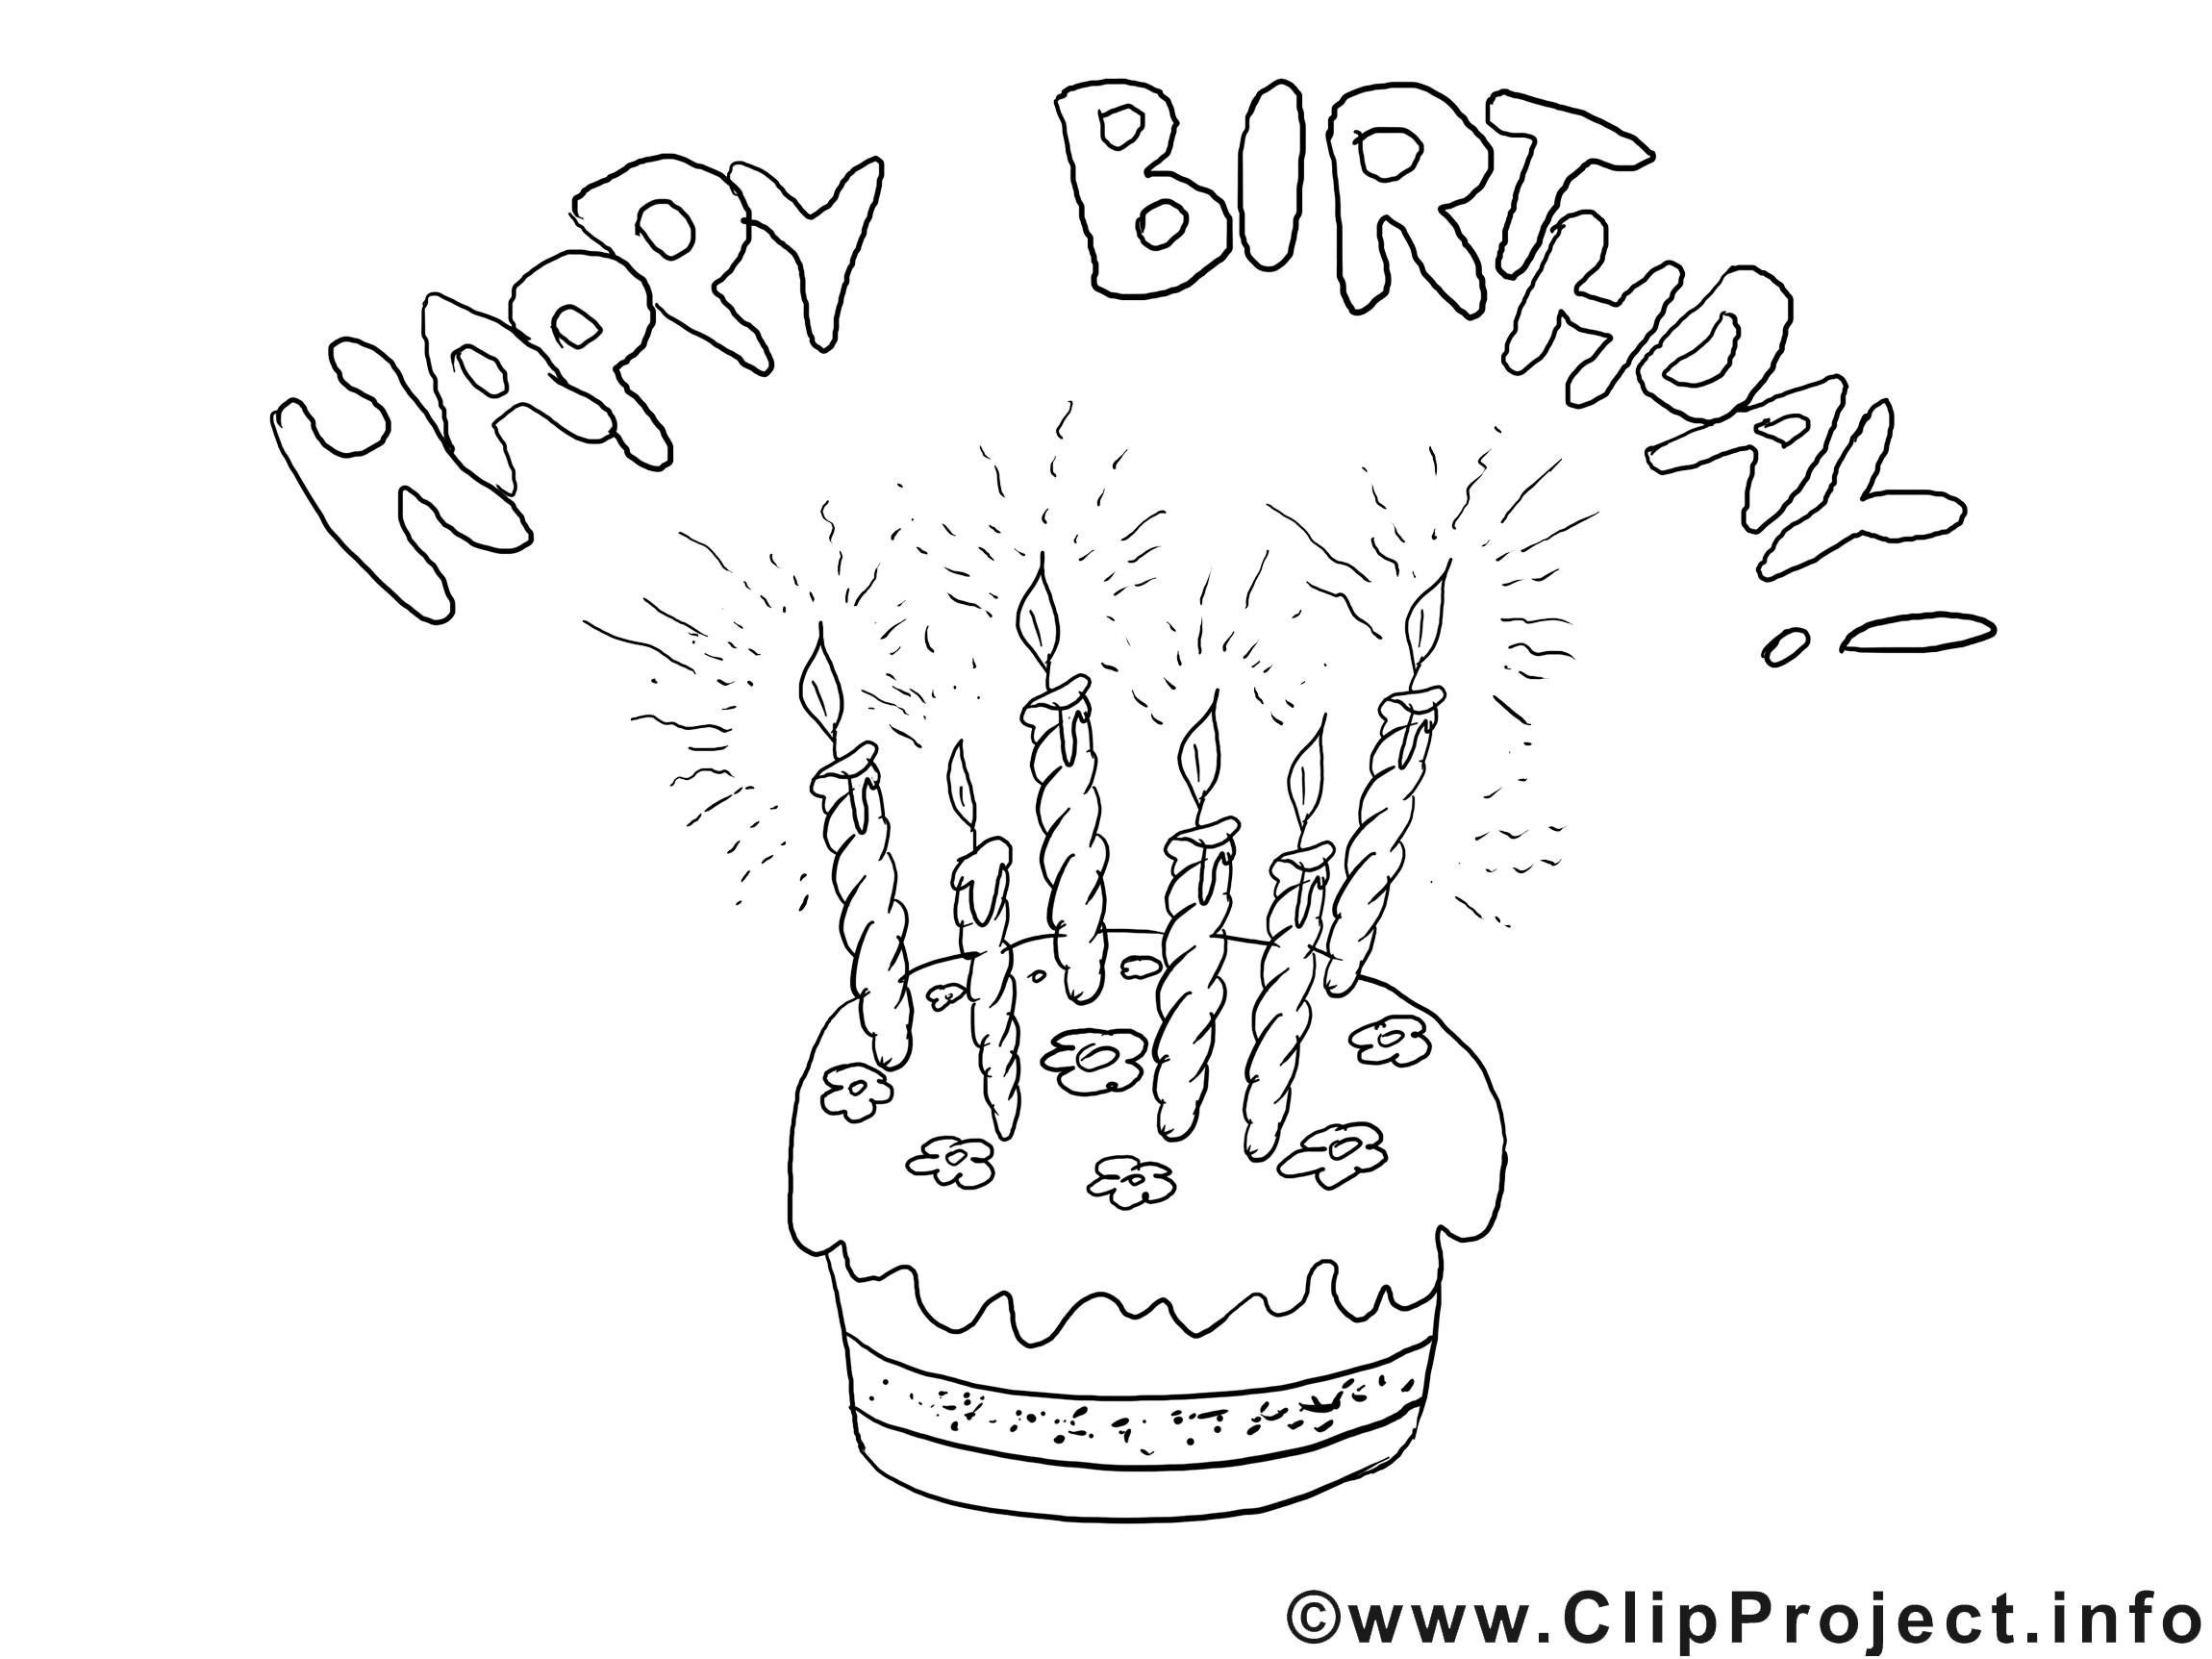 Geburtstagsbilder Zum Ausmalen  Ausmalbild zum Geburtstag